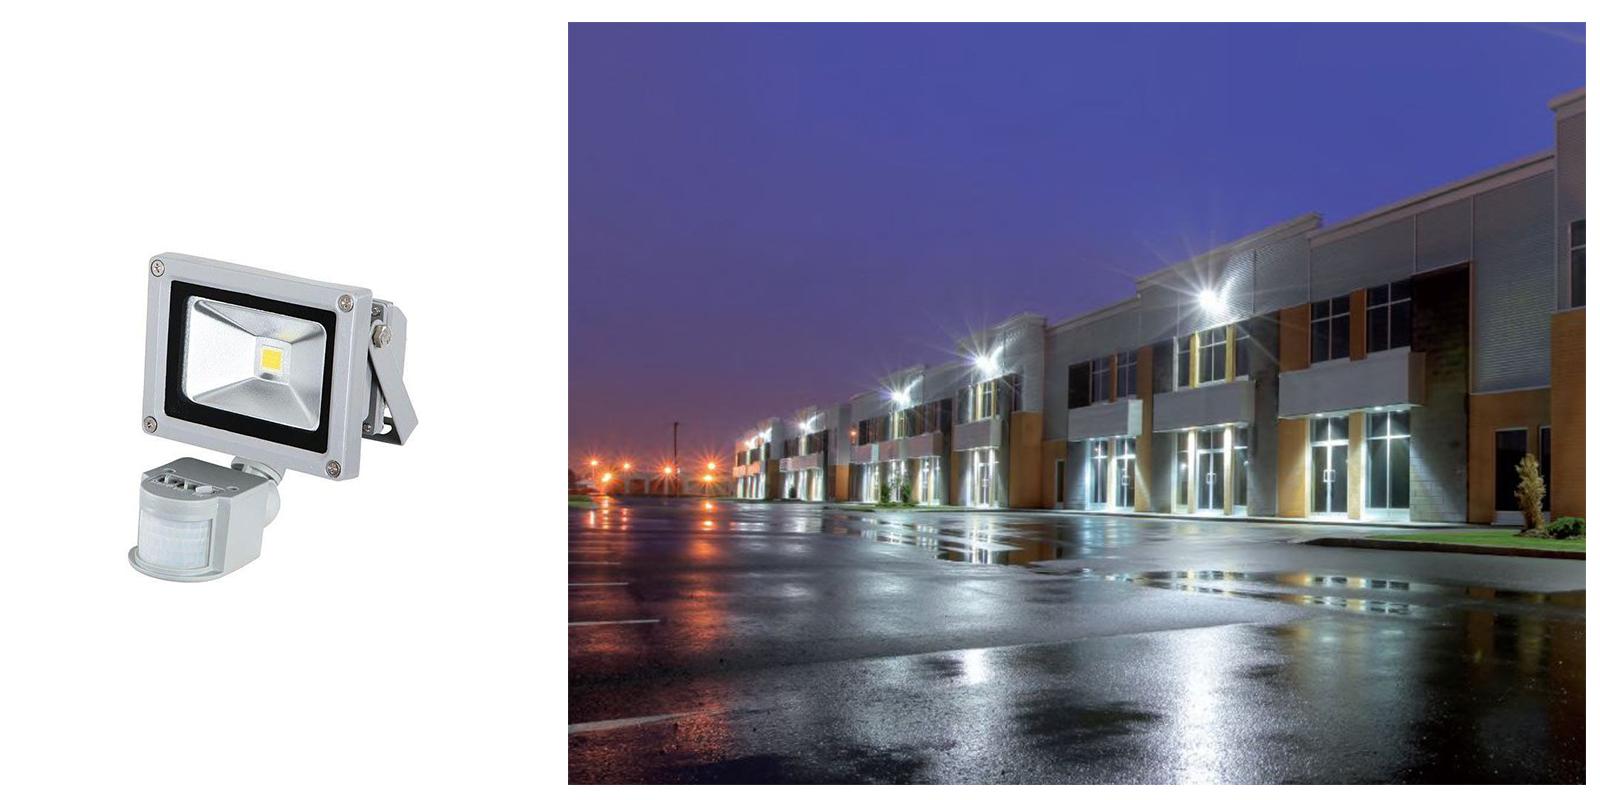 Faro led cob 30w faretto esterno luce fredda crepuscolare sensore movimento FY